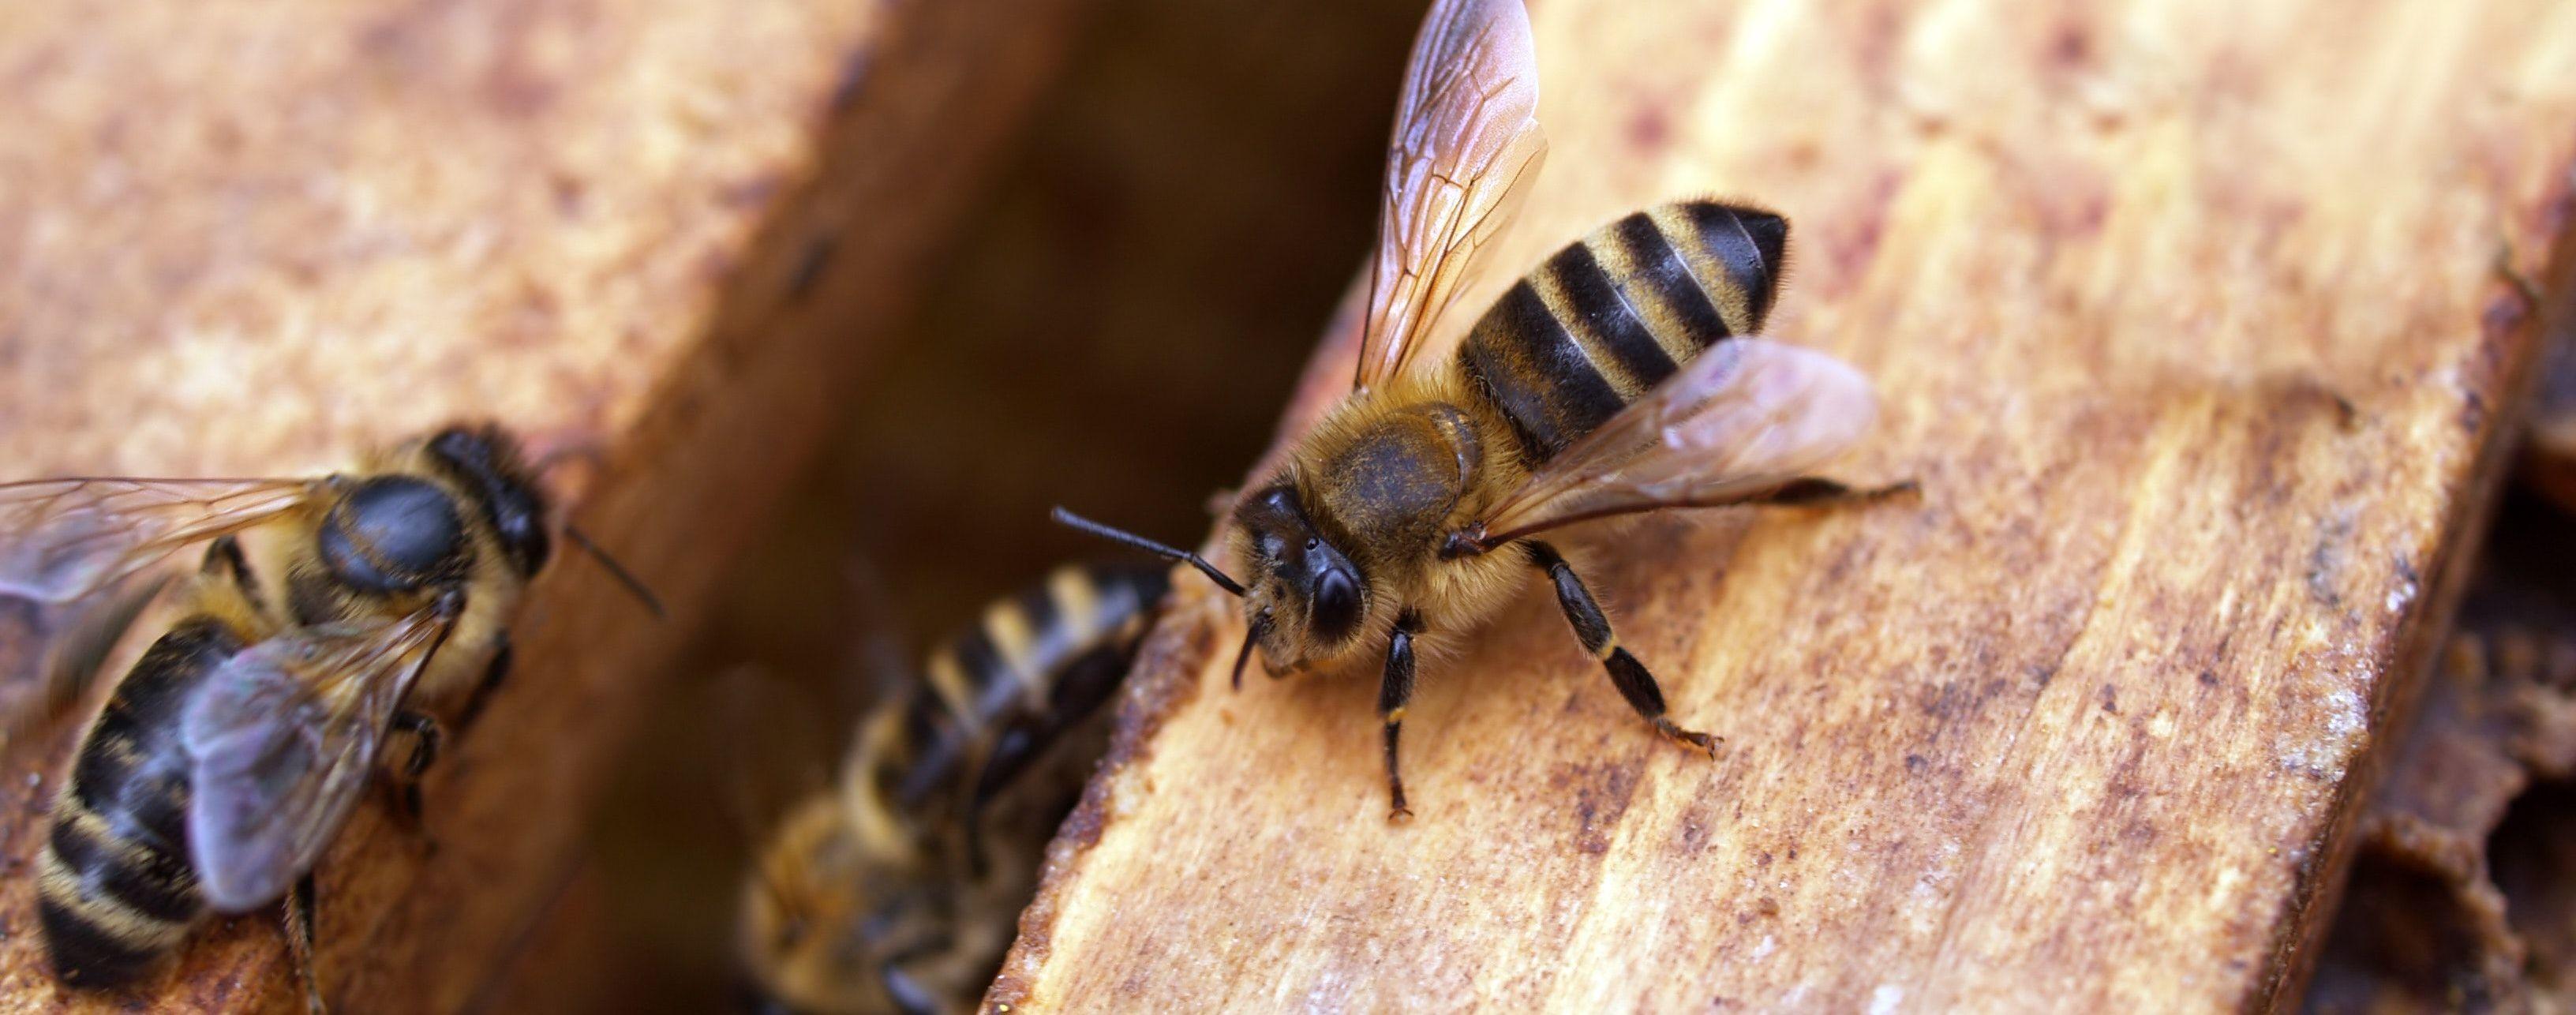 Пчелиные семьи сгорели заживо во сне: в Тернопольской области неизвестный поджег пасеку